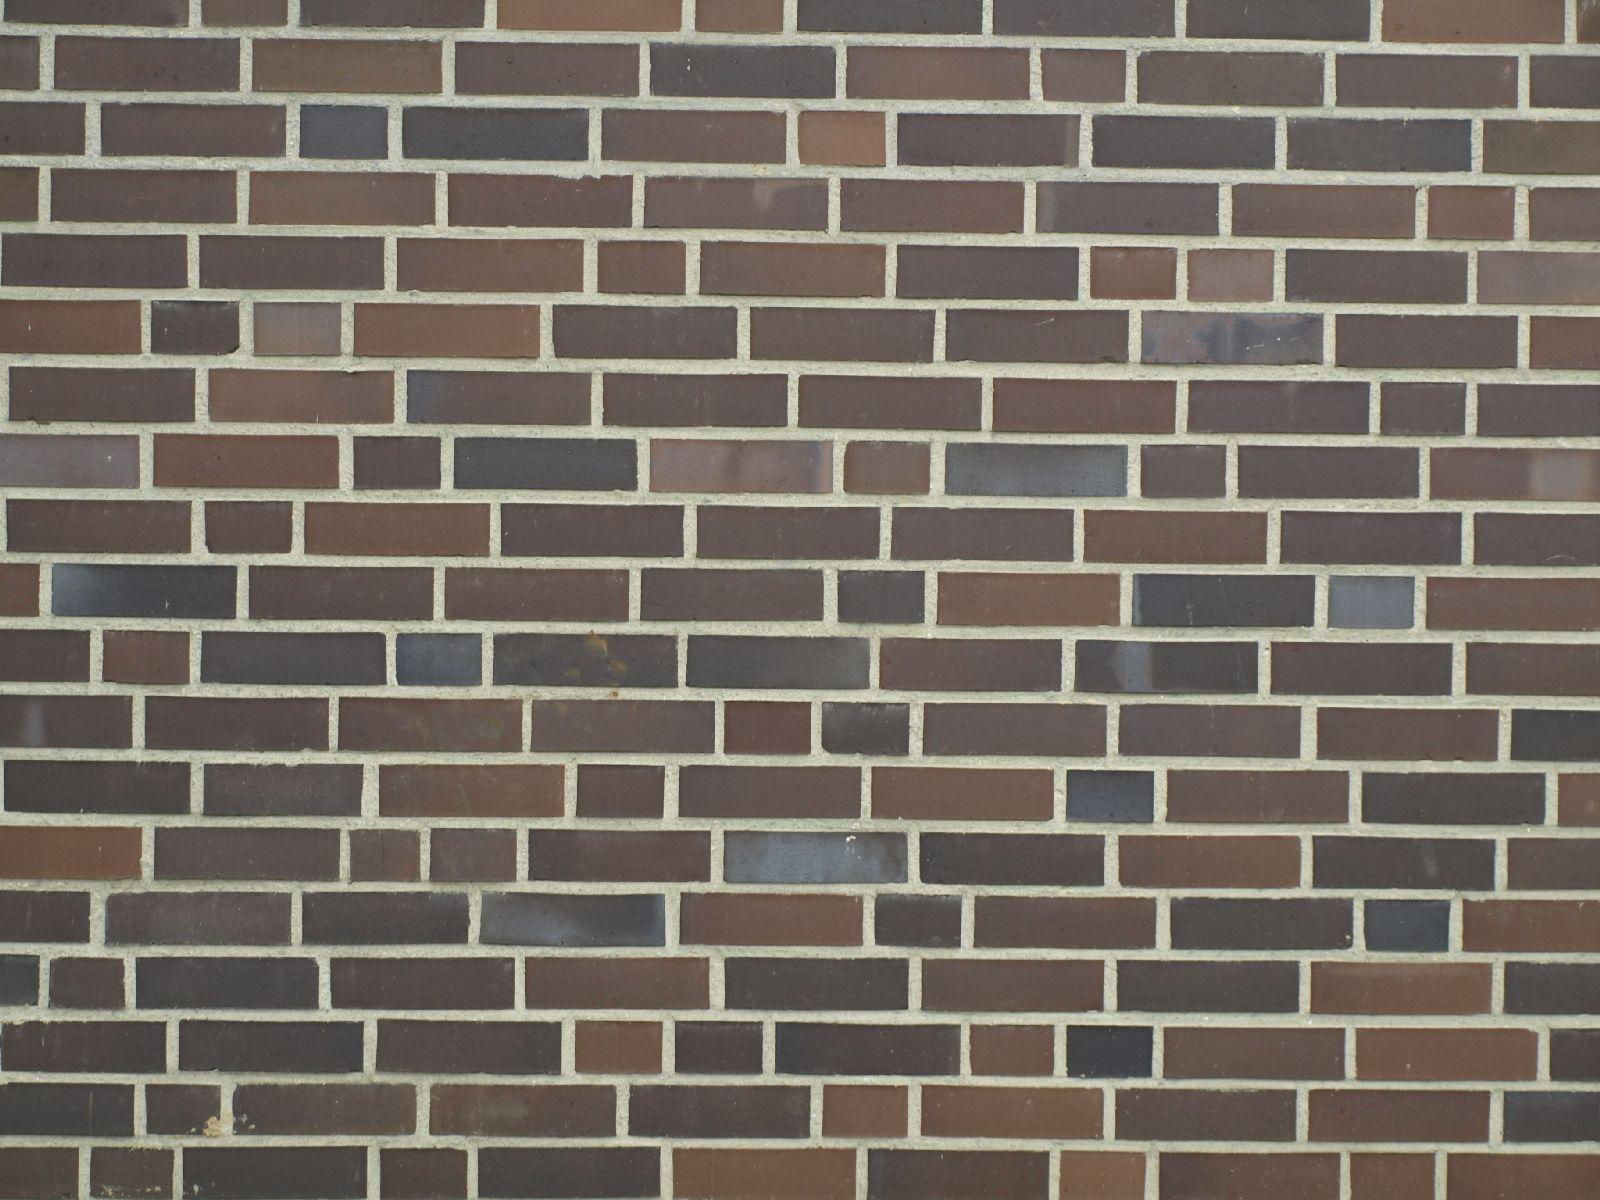 Brick_Texture_A_P6083338